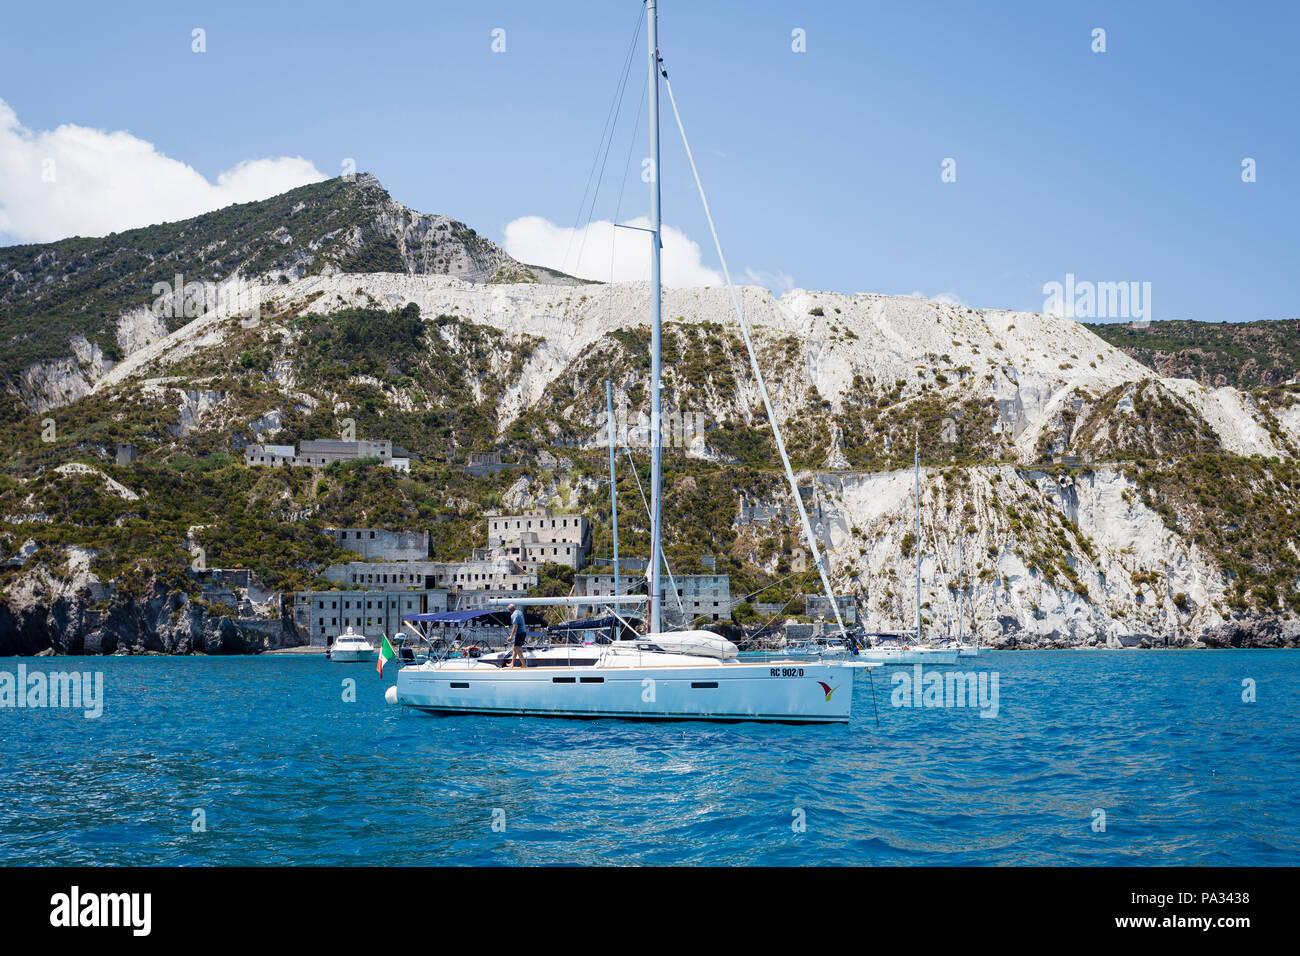 Barche ancorate nella parte anteriore delle cave di pomice (cave di pomice) sull'isola di Lipari, Isole Eolie, in Sicilia. Immagini Stock